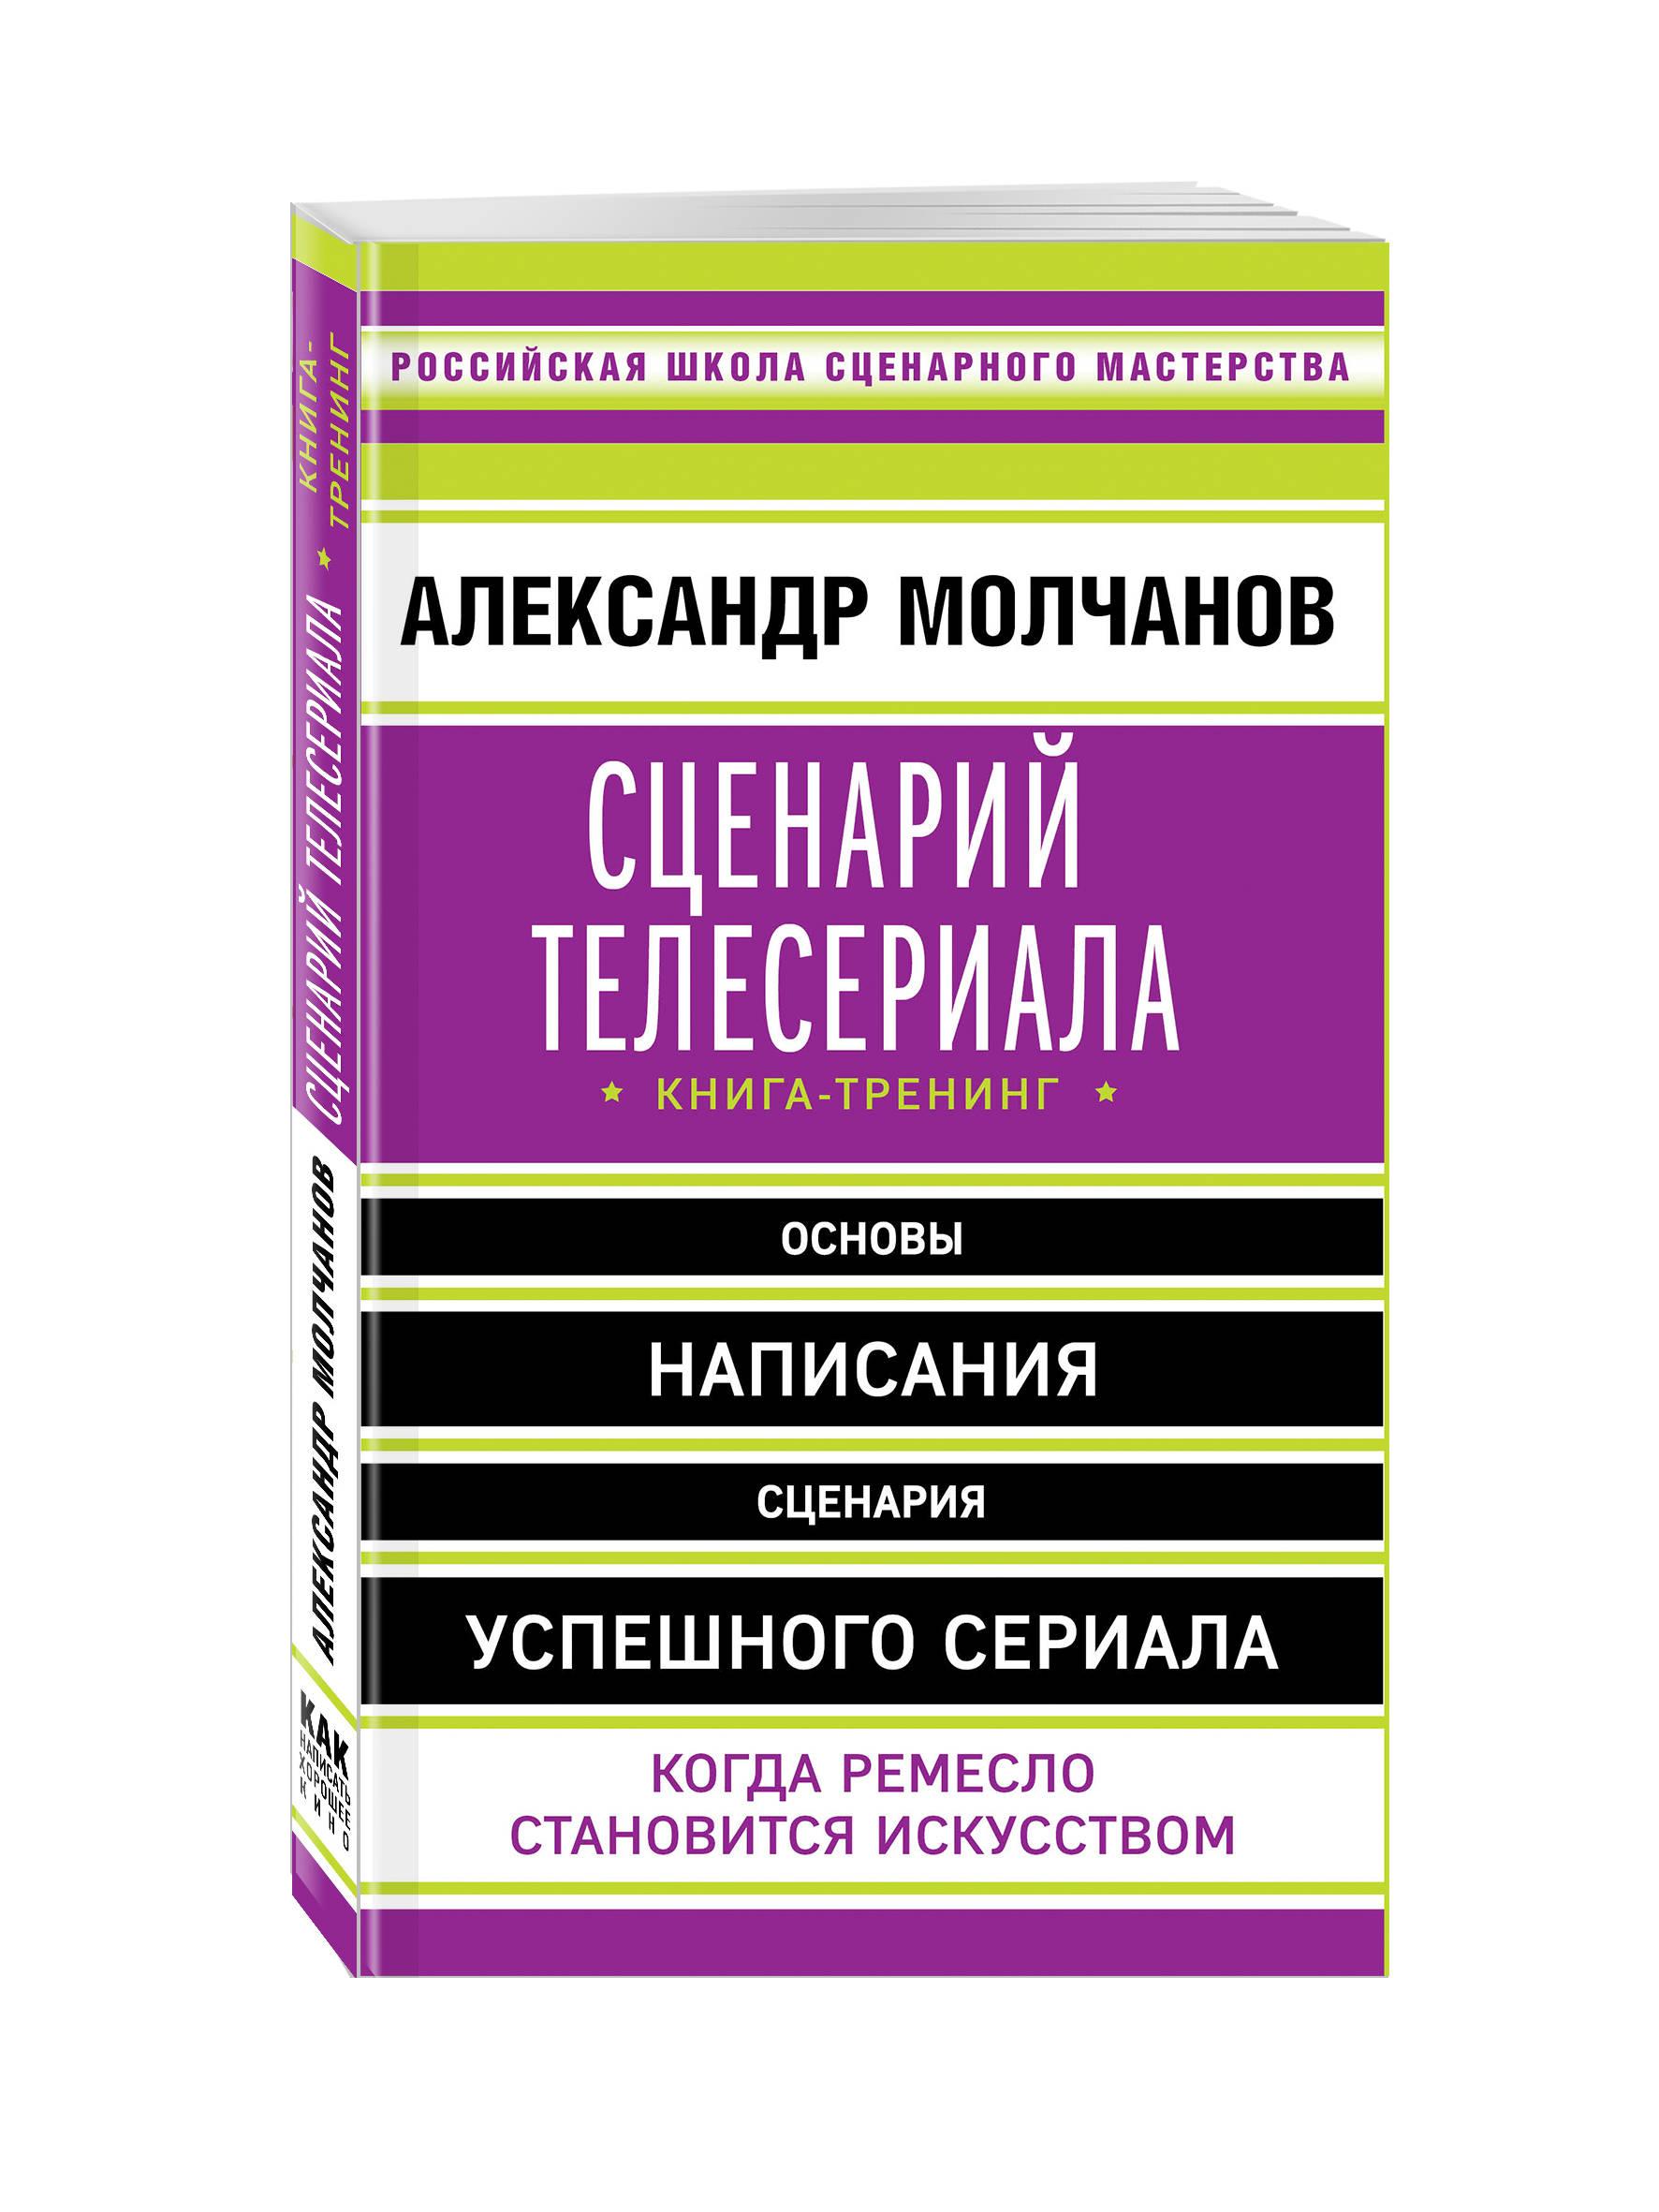 Молчанов А.В. Сценарий телесериала. Книга-тренинг как продать и сразу квартиру